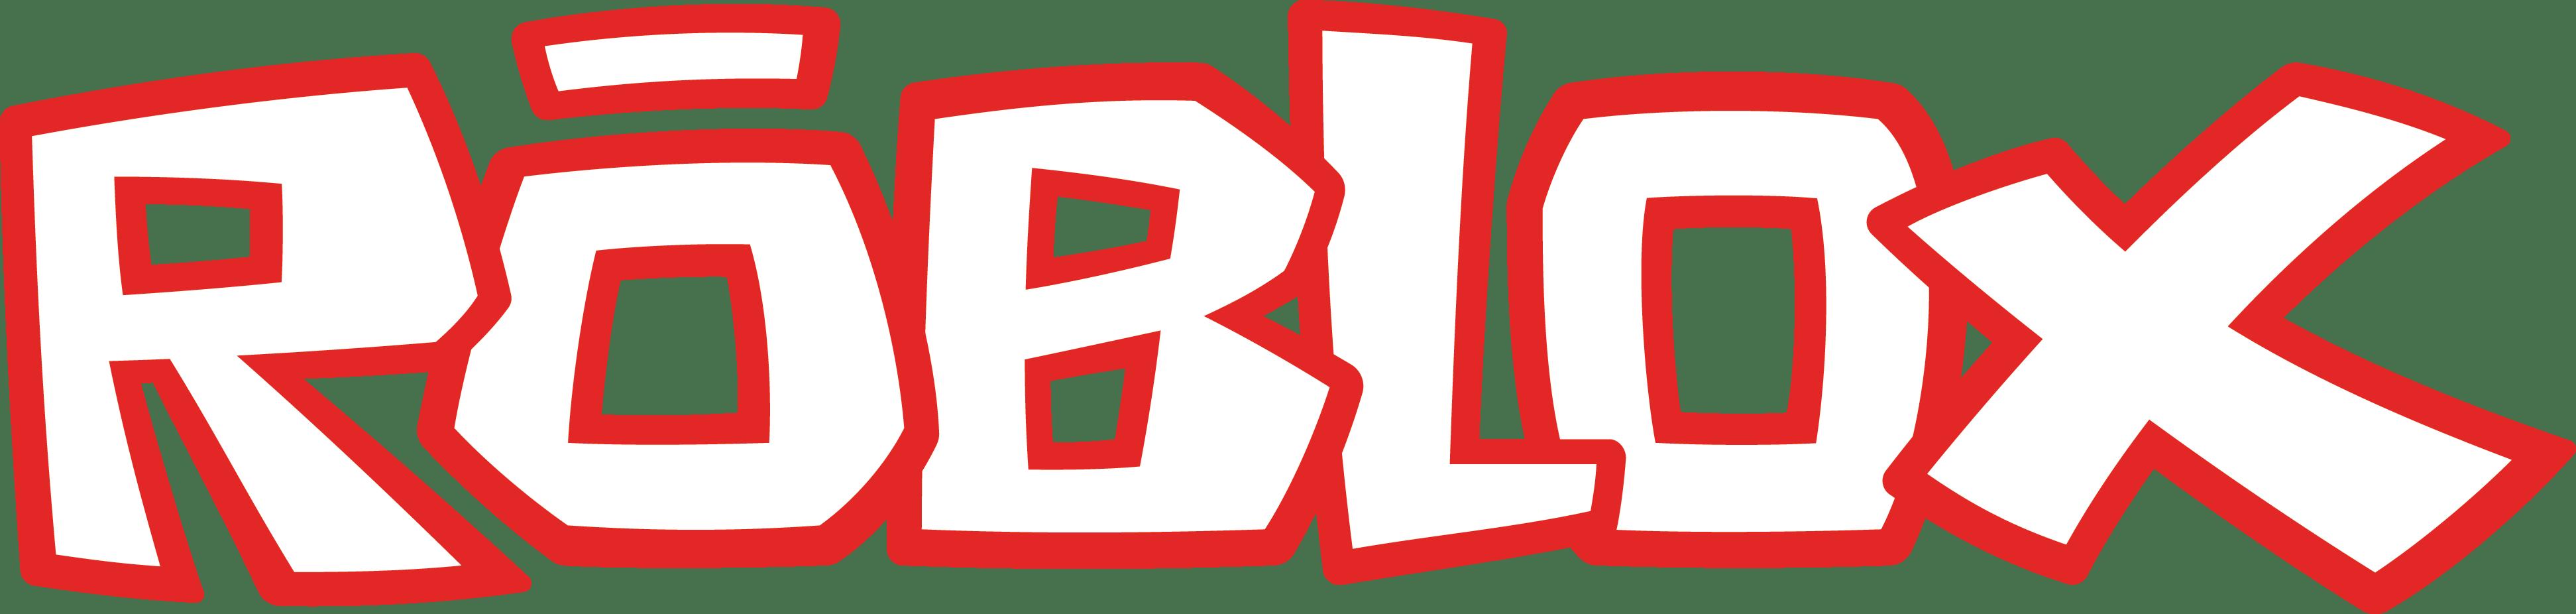 robloxlogo LogoMania Pinterest Logos, Free logo and